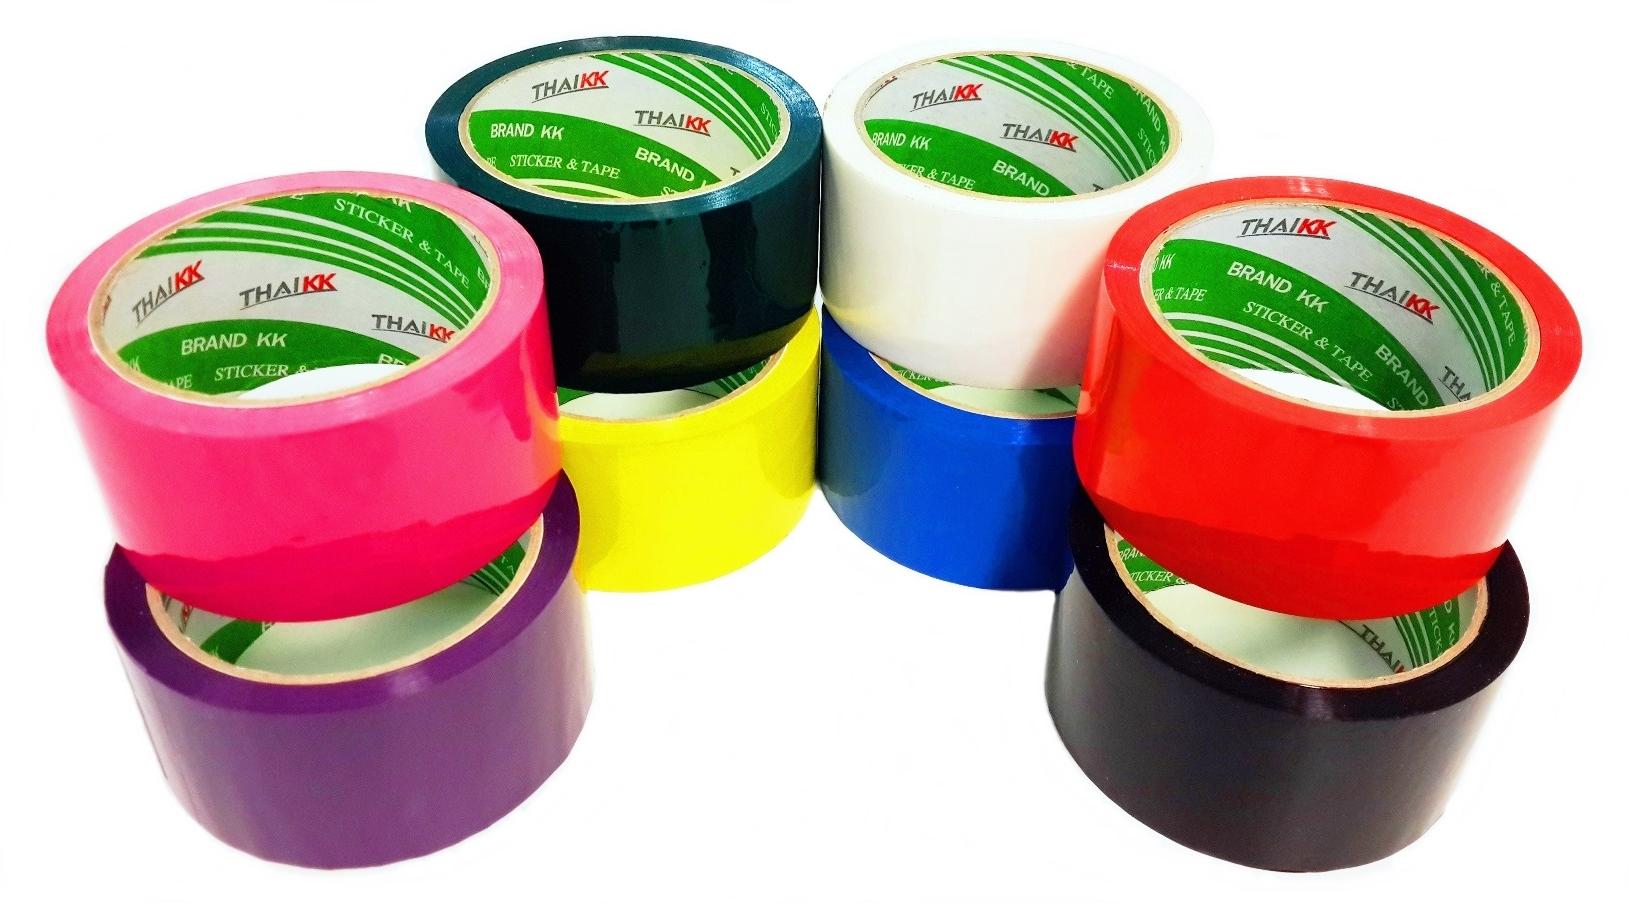 THAI KK เทปกาว เทปโอพีพีสี มีทั้งหมด 7 สี (เหลือง, แดง, น้ำเงิน, เขียว, ม่วง, ดำ, ขาว)